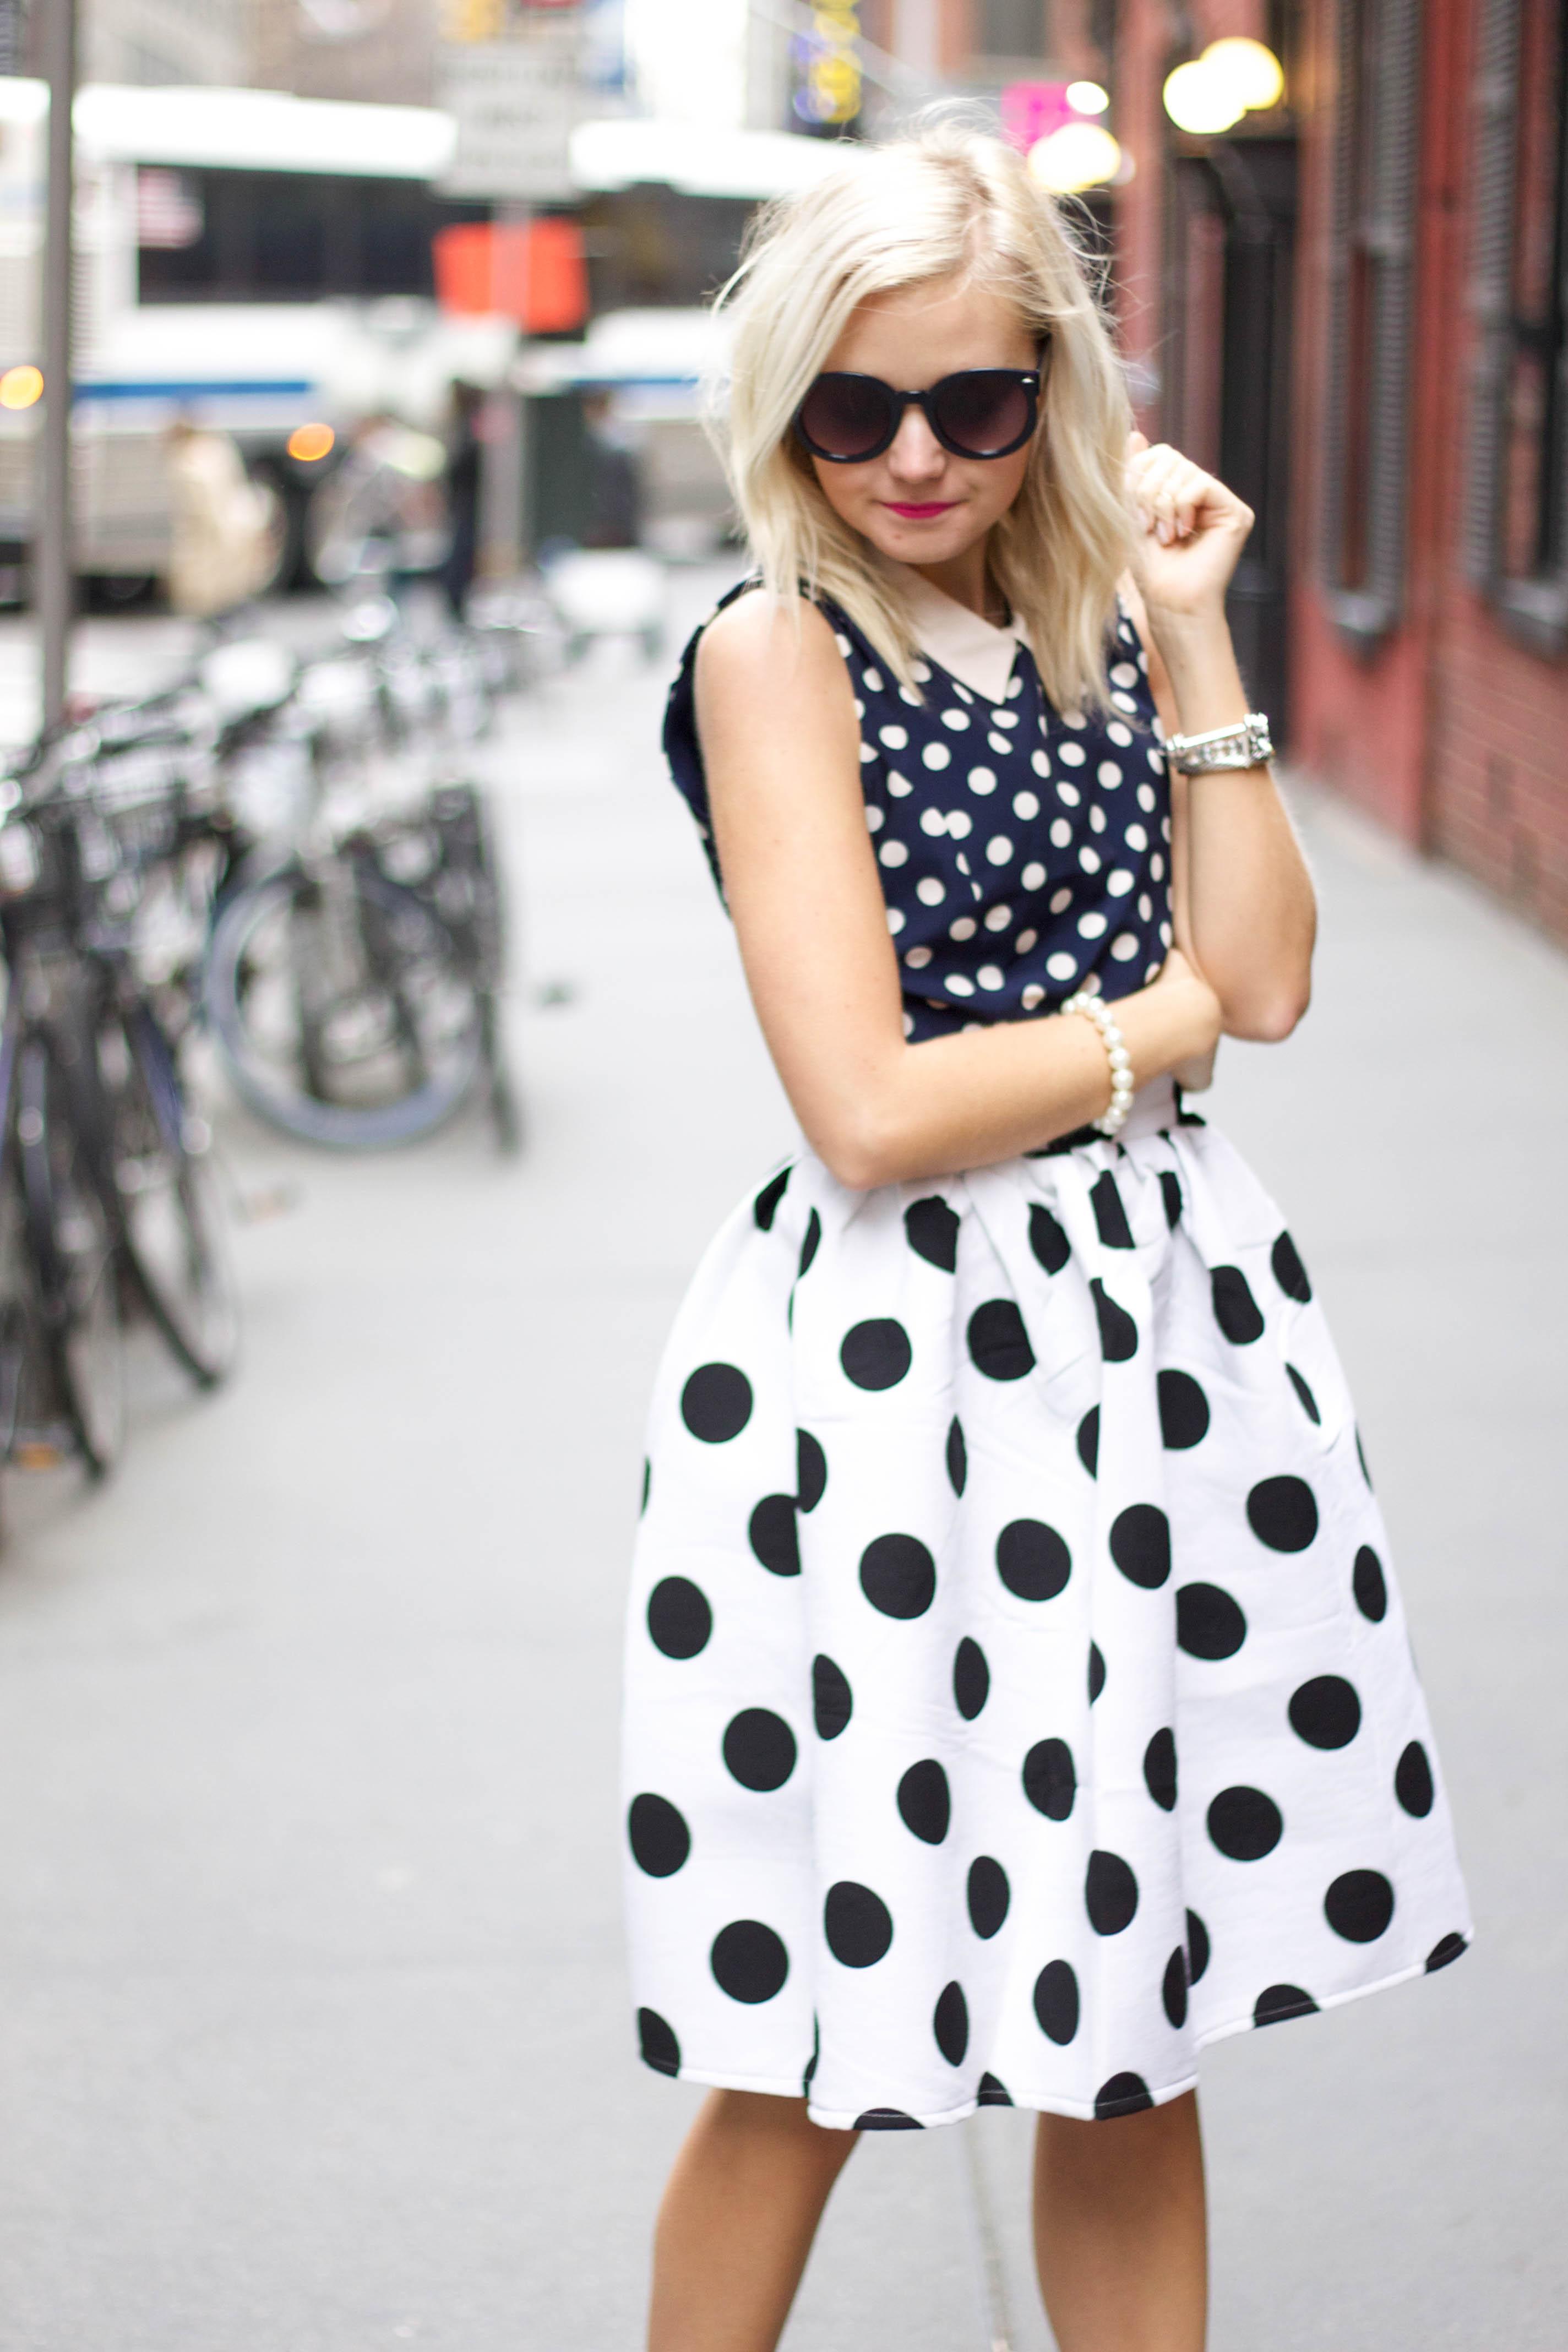 Polka dots _stylegods